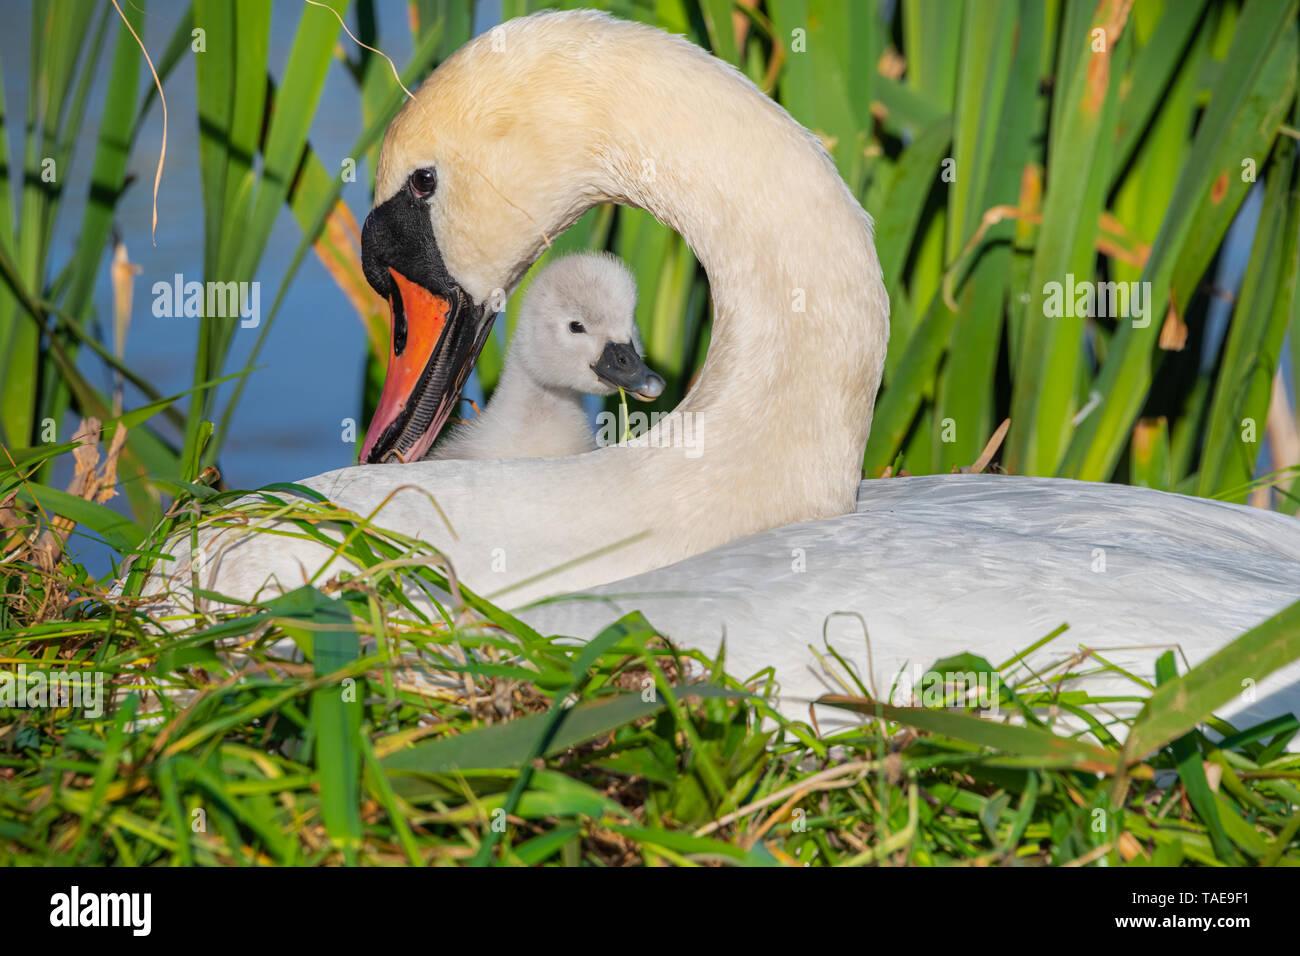 Un bouton mute swan (Cygnus olor), stylo, et cygnet assis ensemble sur un nid. Photo Stock